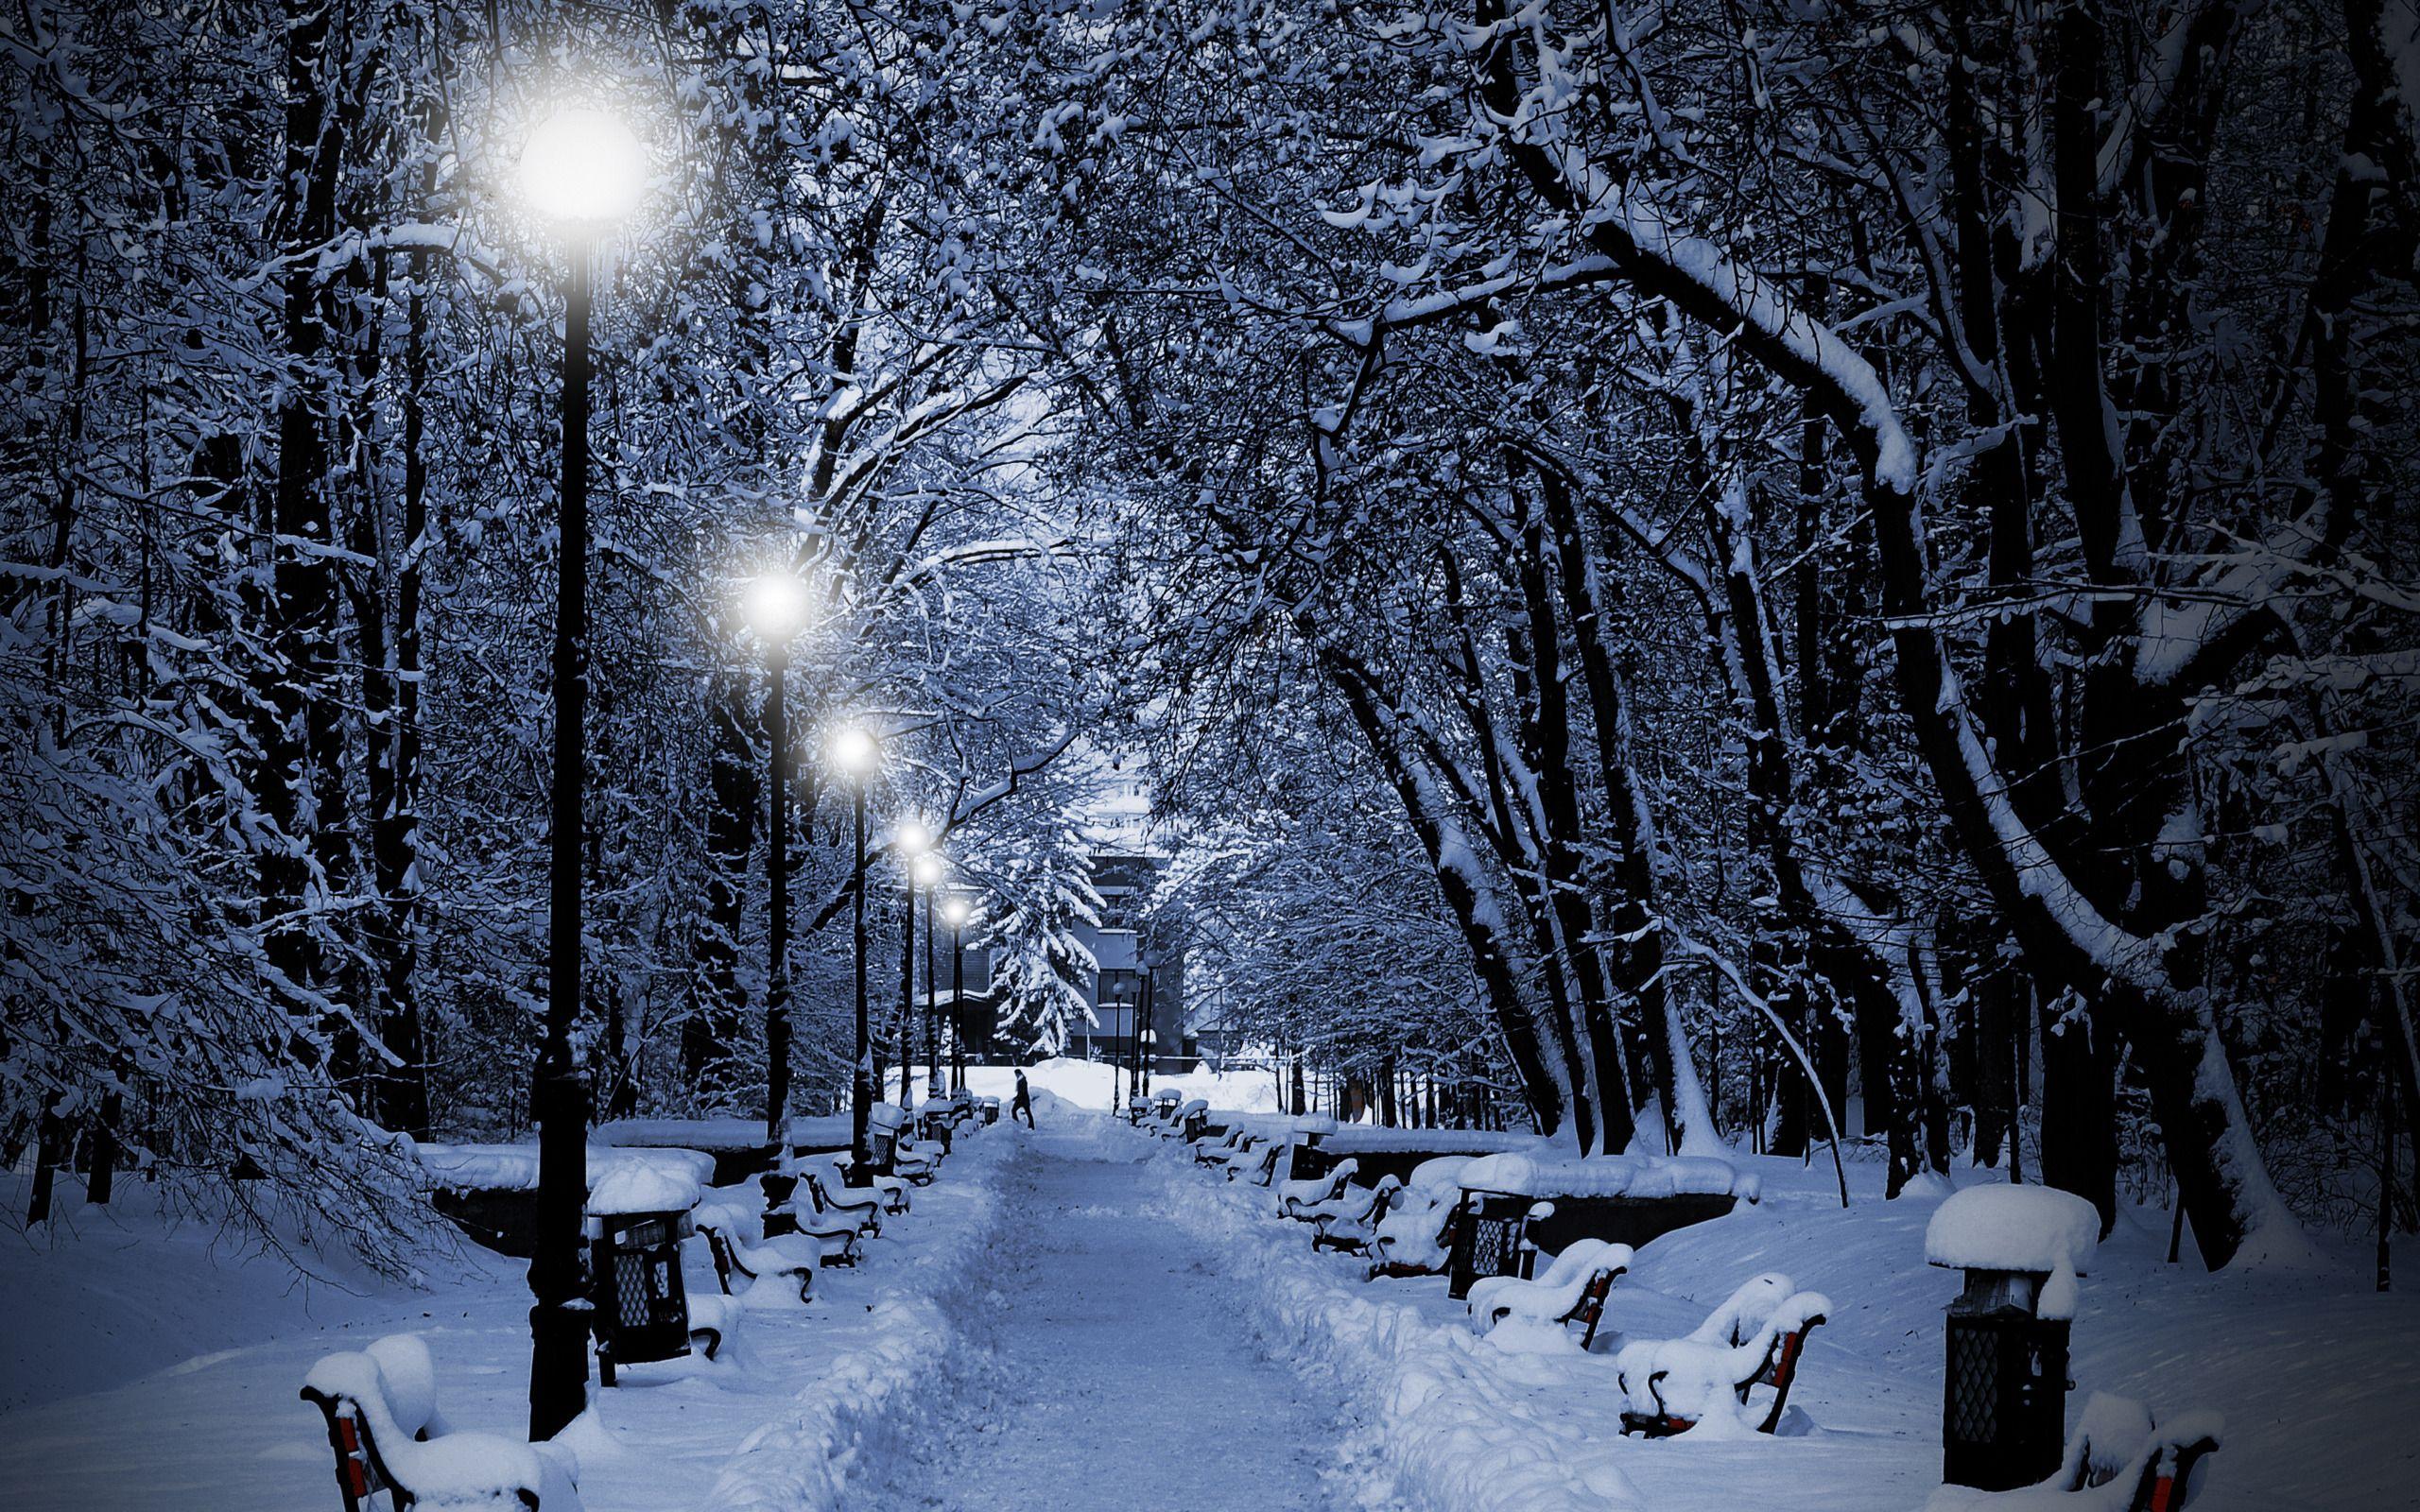 Winter Night Wallpaper wallpaper Winter Night Wallpaper hd wallpaper 2560x1600